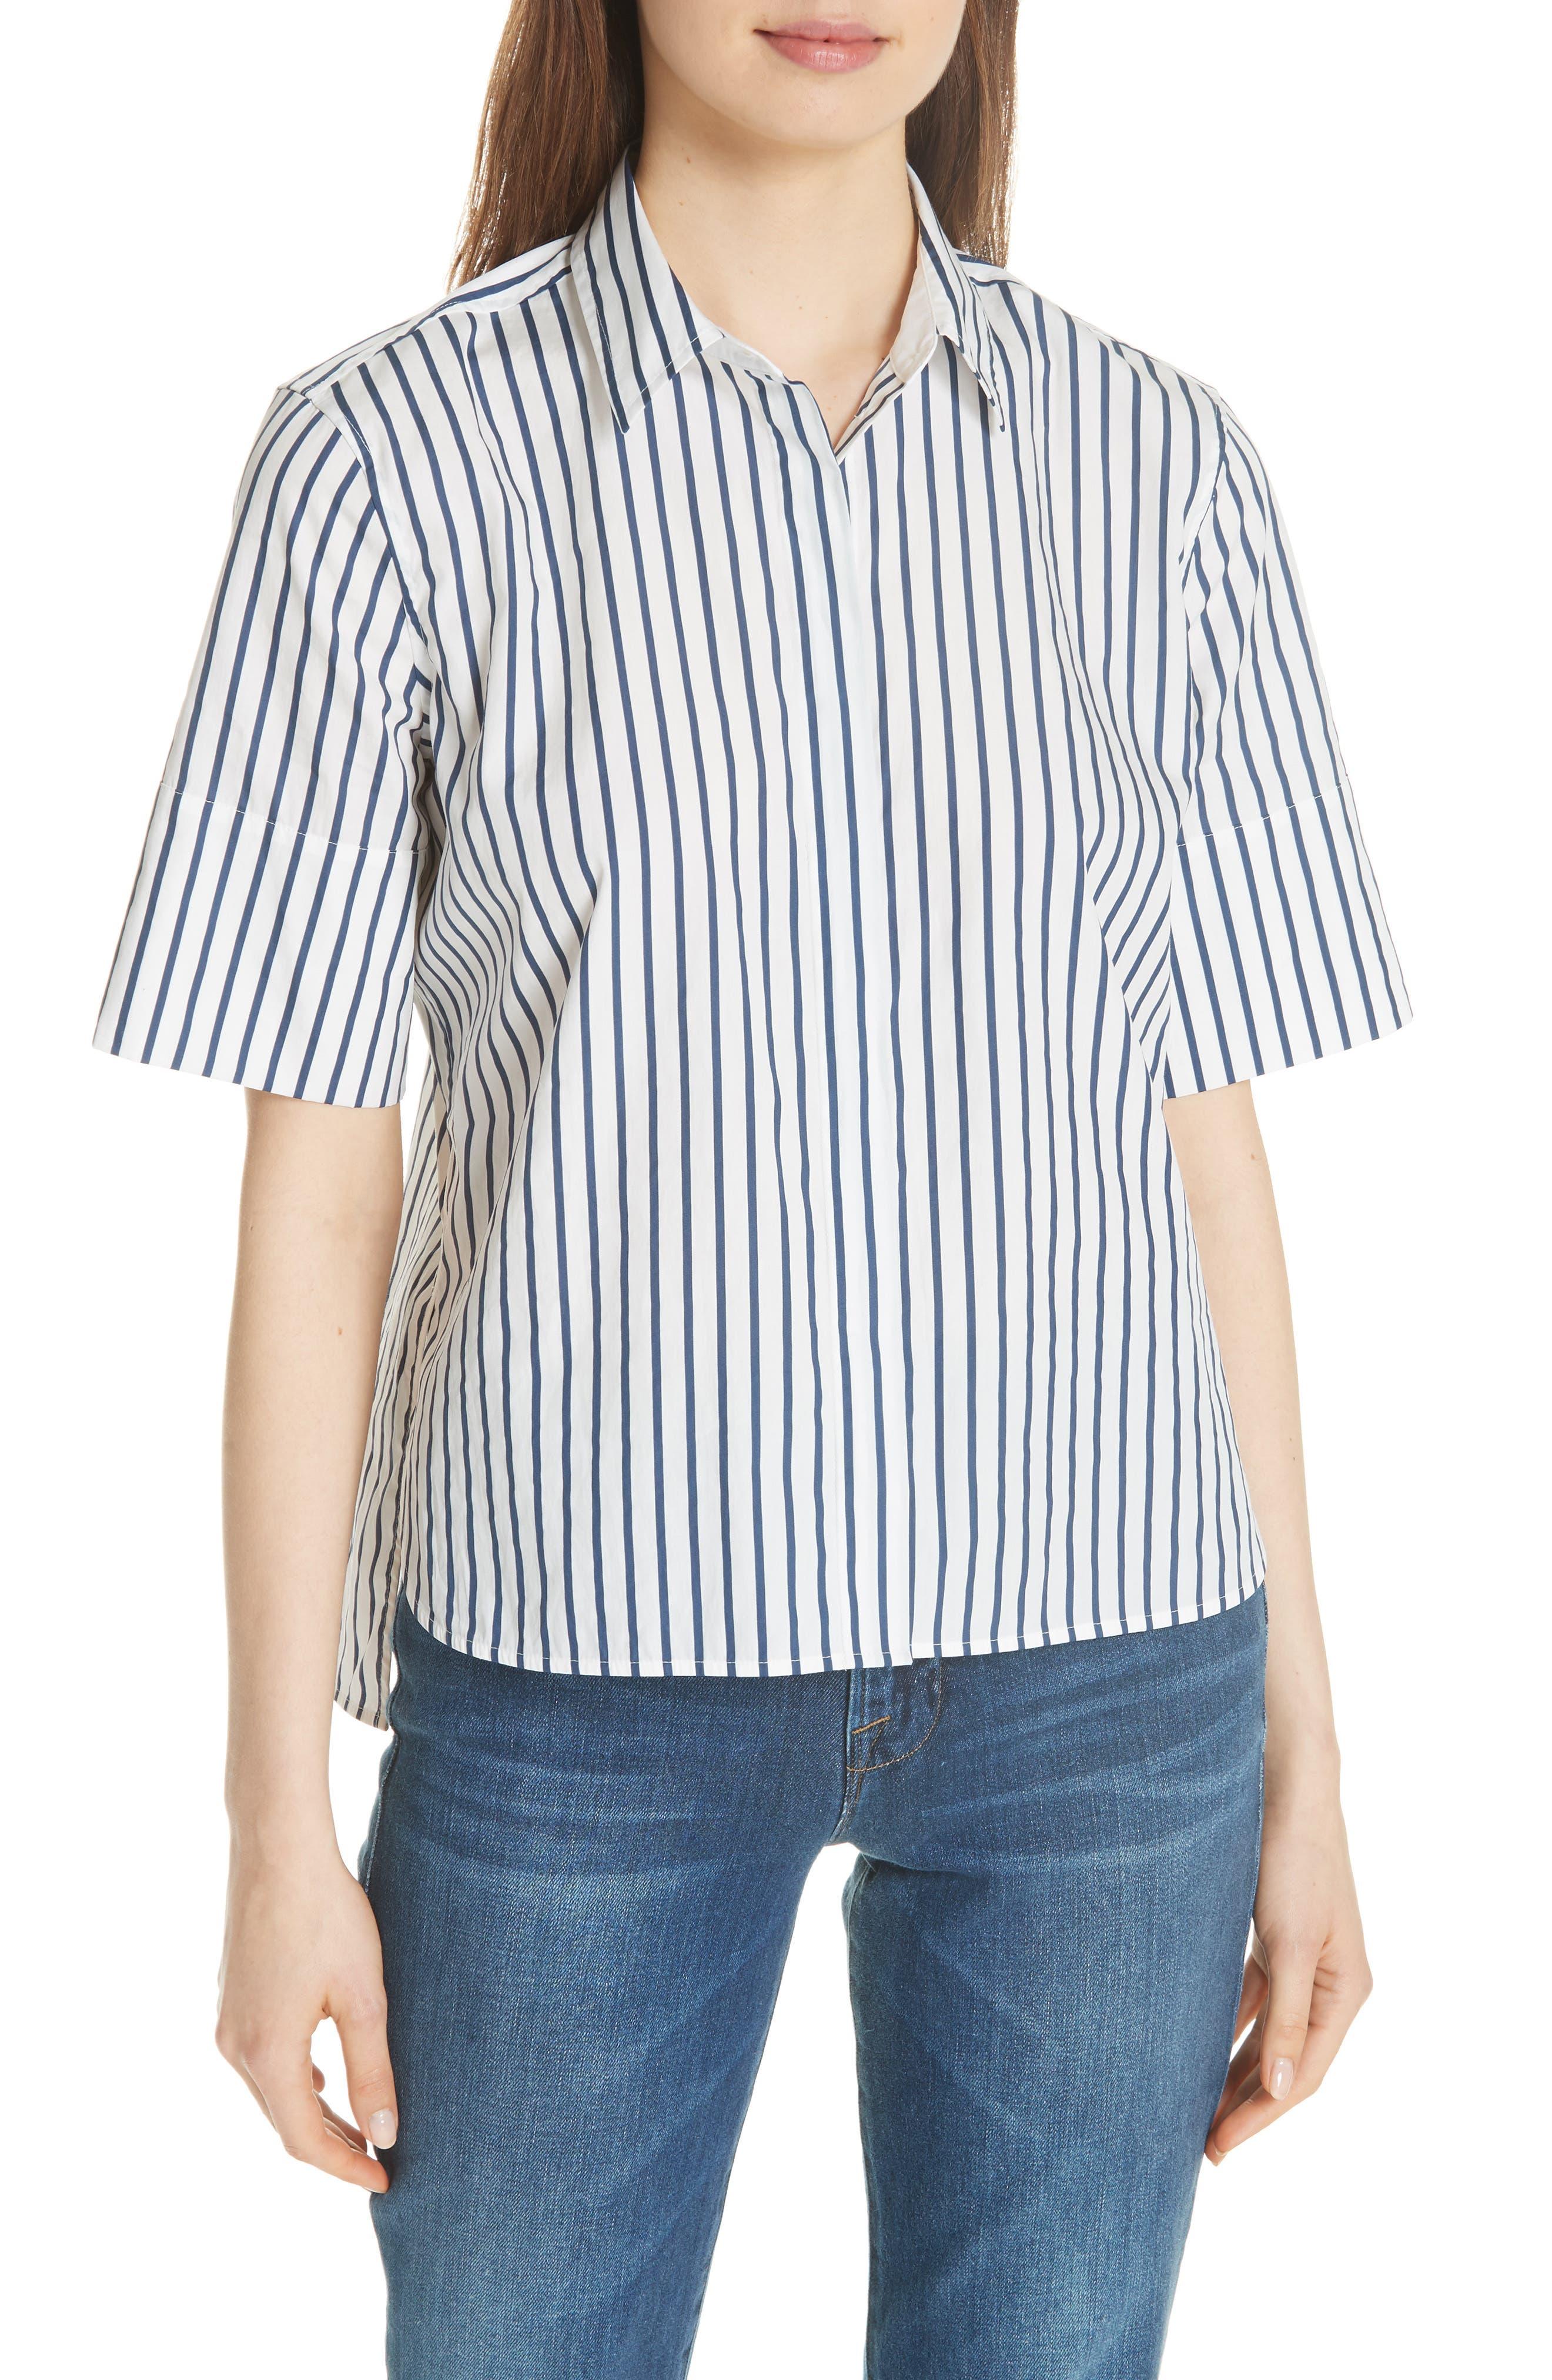 Paulette Short Sleeve Cotton Top,                             Main thumbnail 1, color,                             ECLIPSE/ BRIGHT WHITE